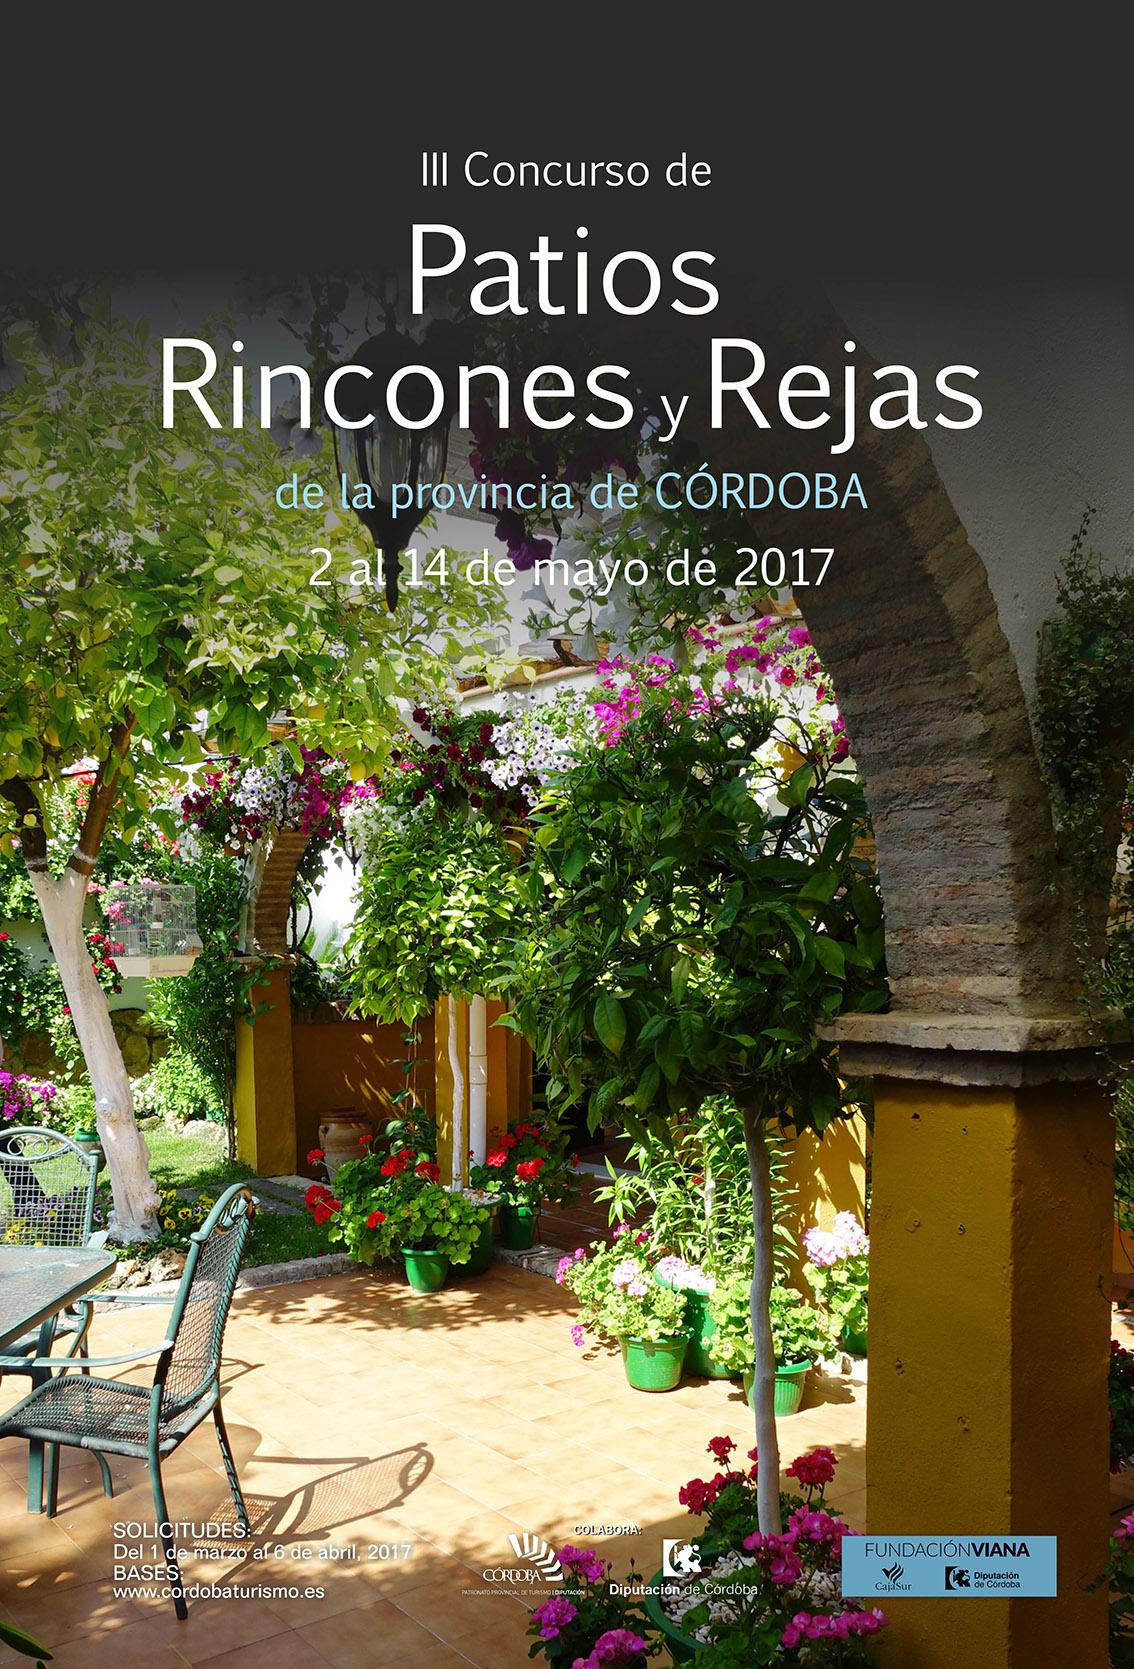 III Concurso de Patios, Rincones y Rejas de la Provincia de Córdoba